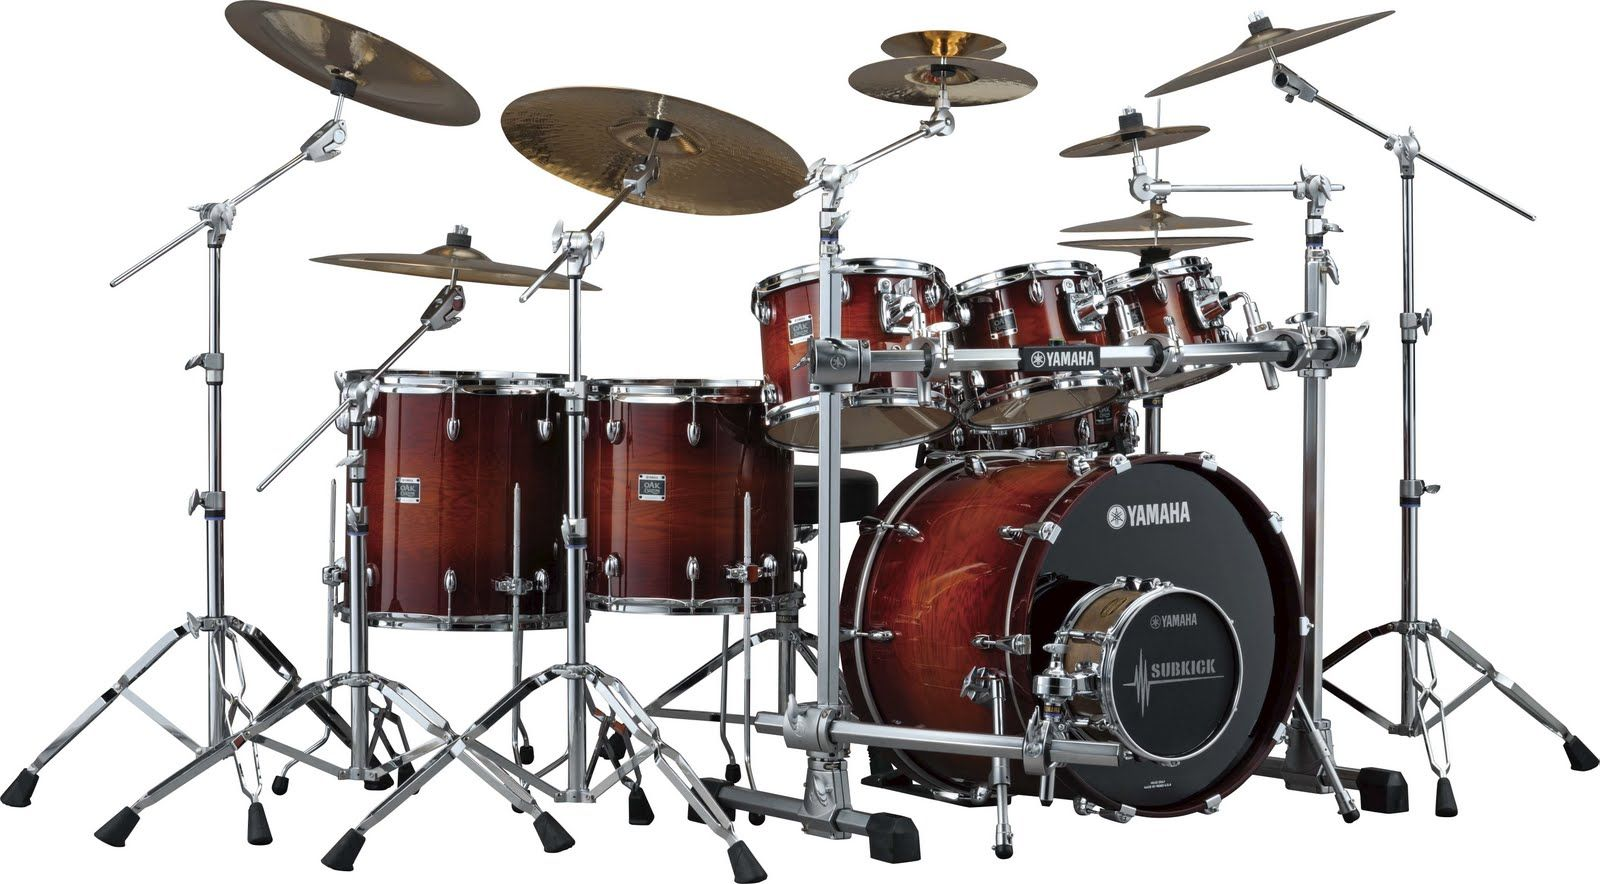 image detail for yamaha oak custom series drum set find your drum set drum kits. Black Bedroom Furniture Sets. Home Design Ideas